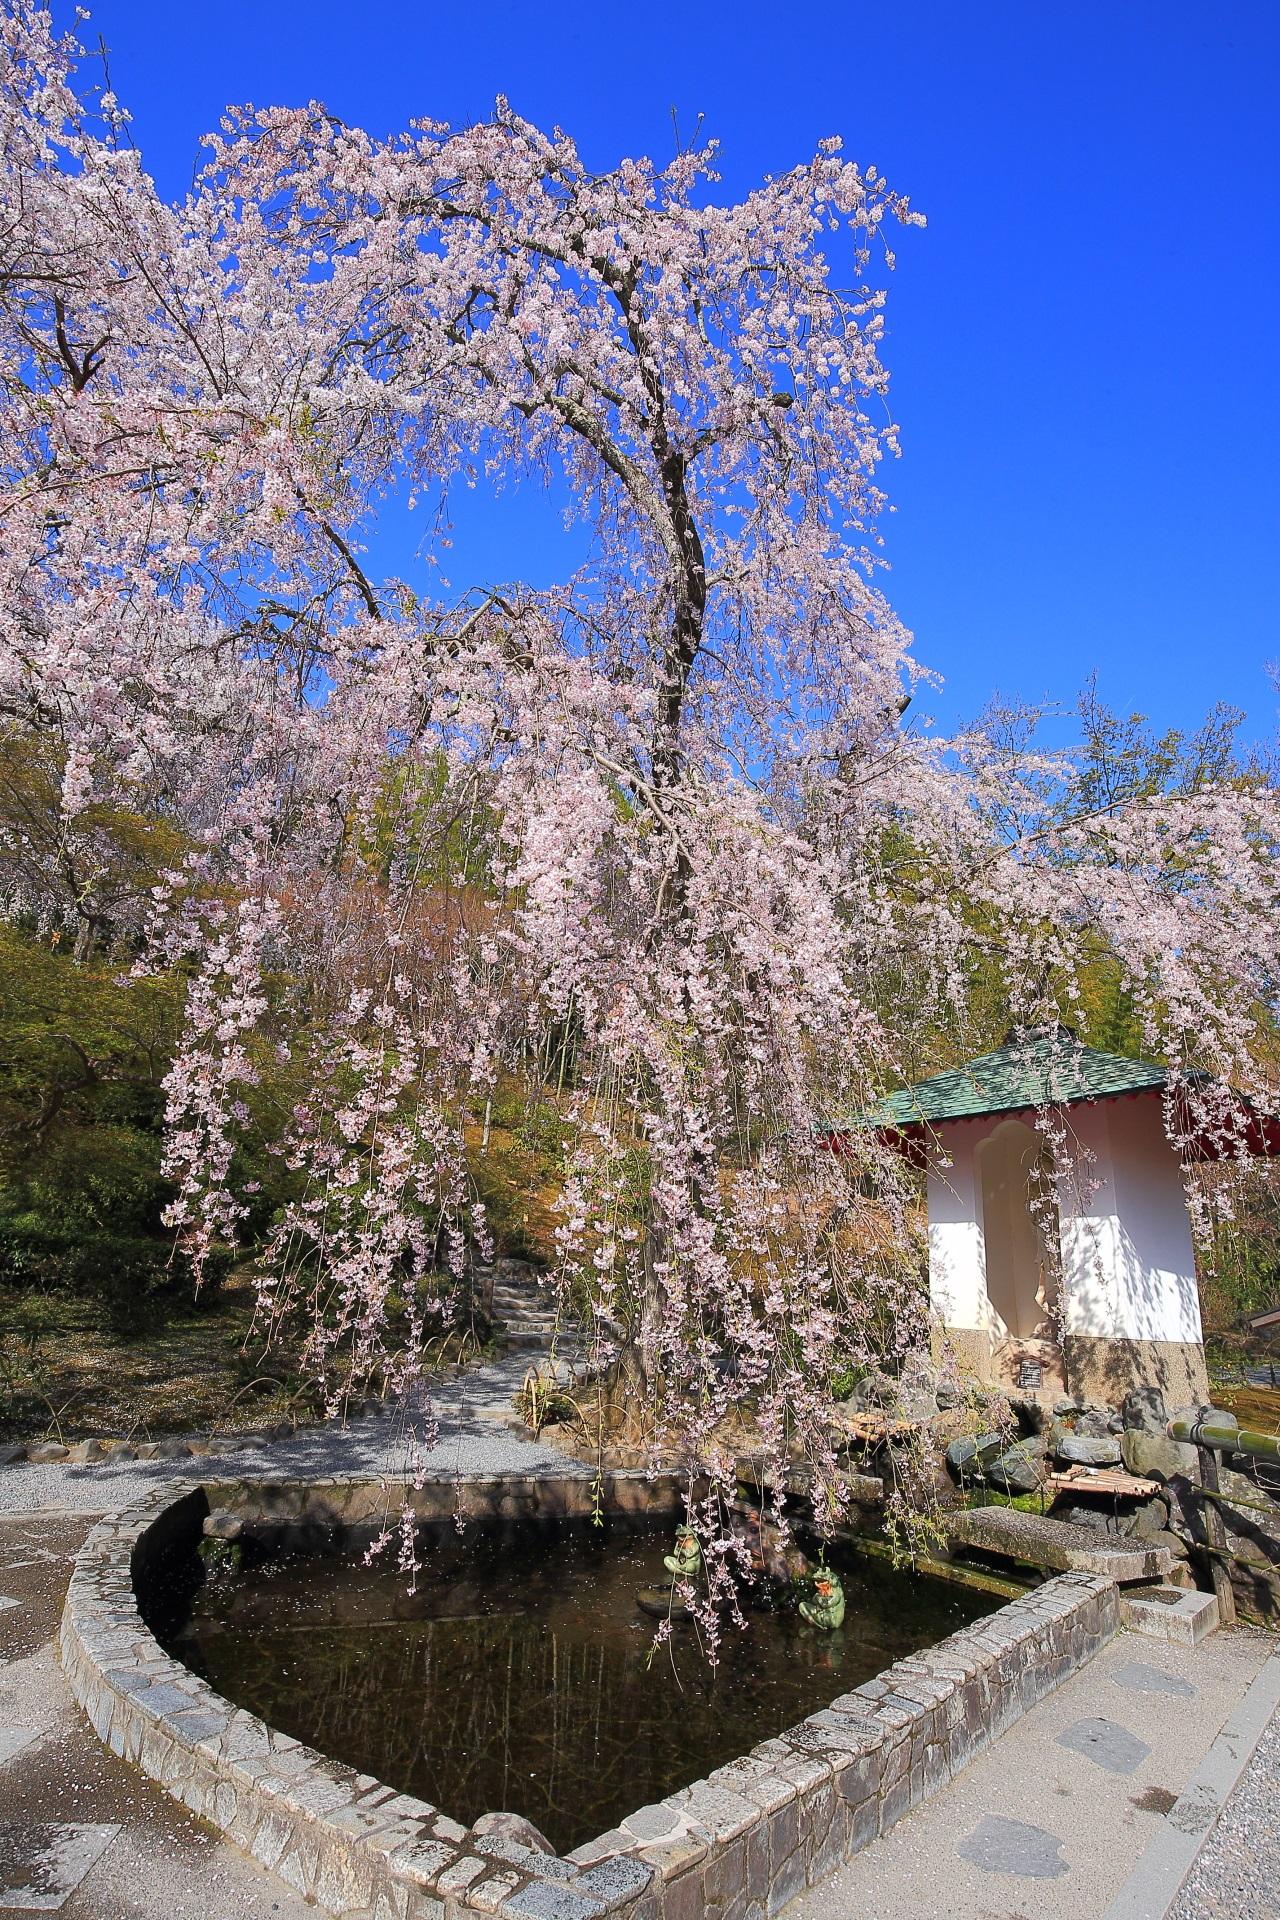 天龍寺の青空から愛の泉に降り注ぐしだれ桜